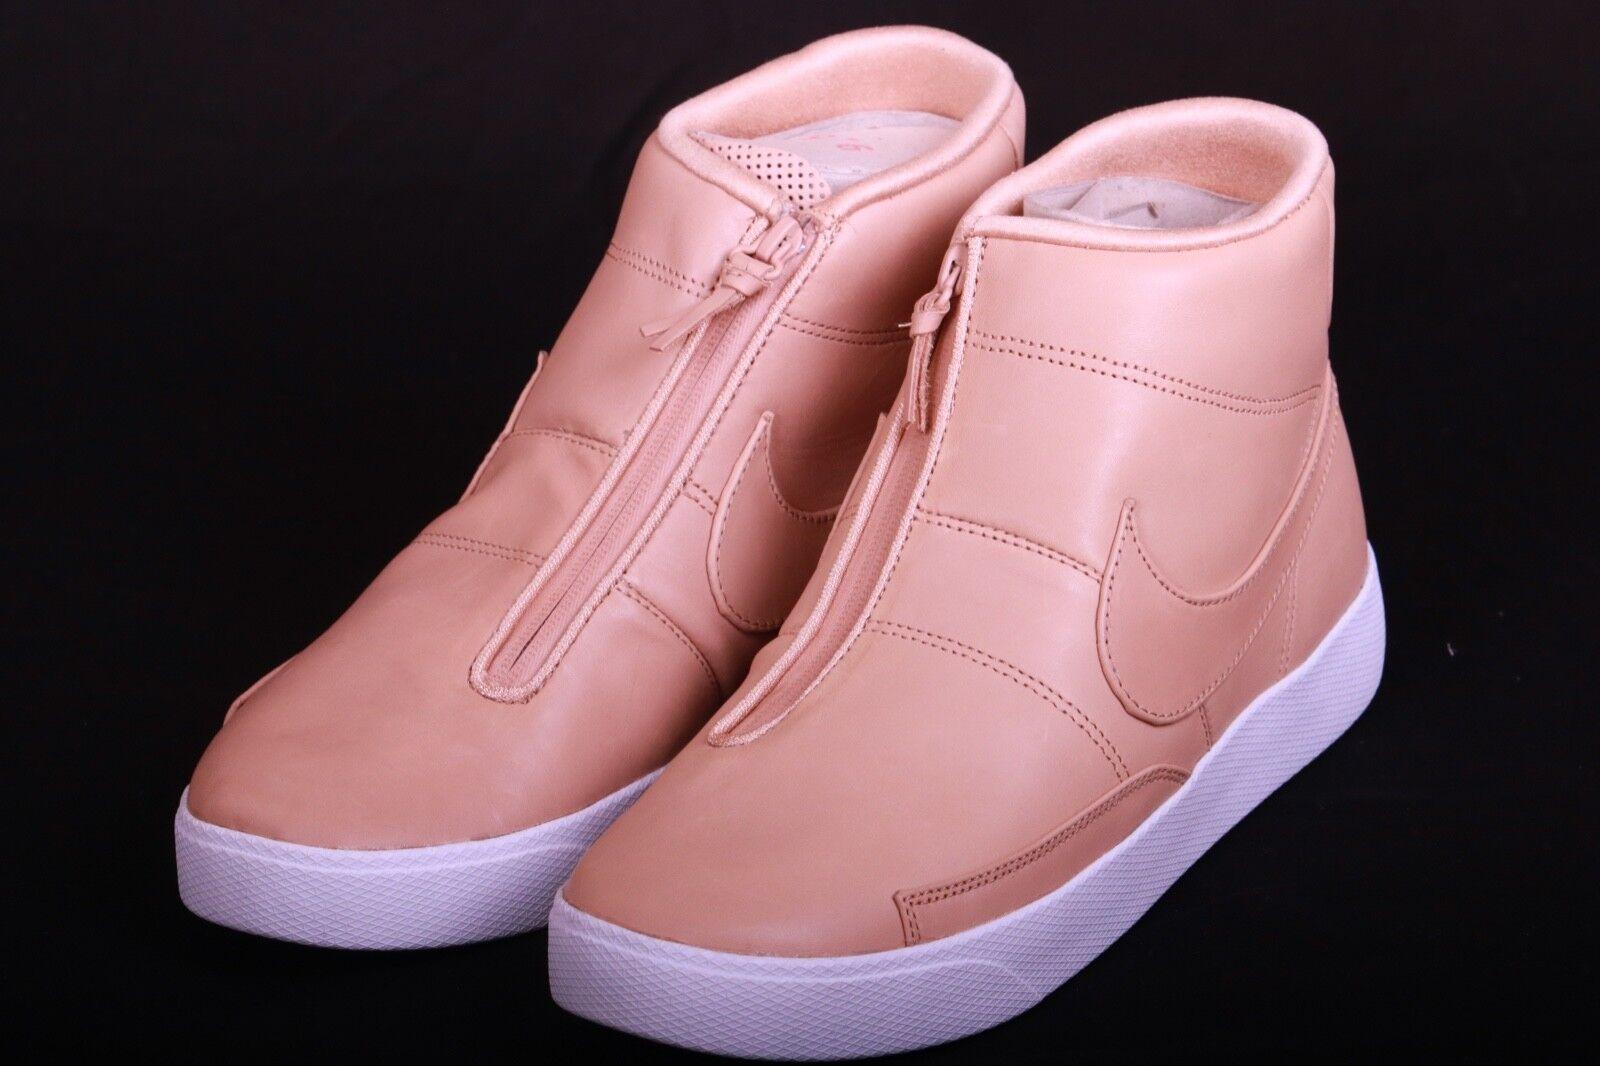 NIKE NikeLAB Blazer Advanced White Tan Brown Leather 874775 200 Size 9.5